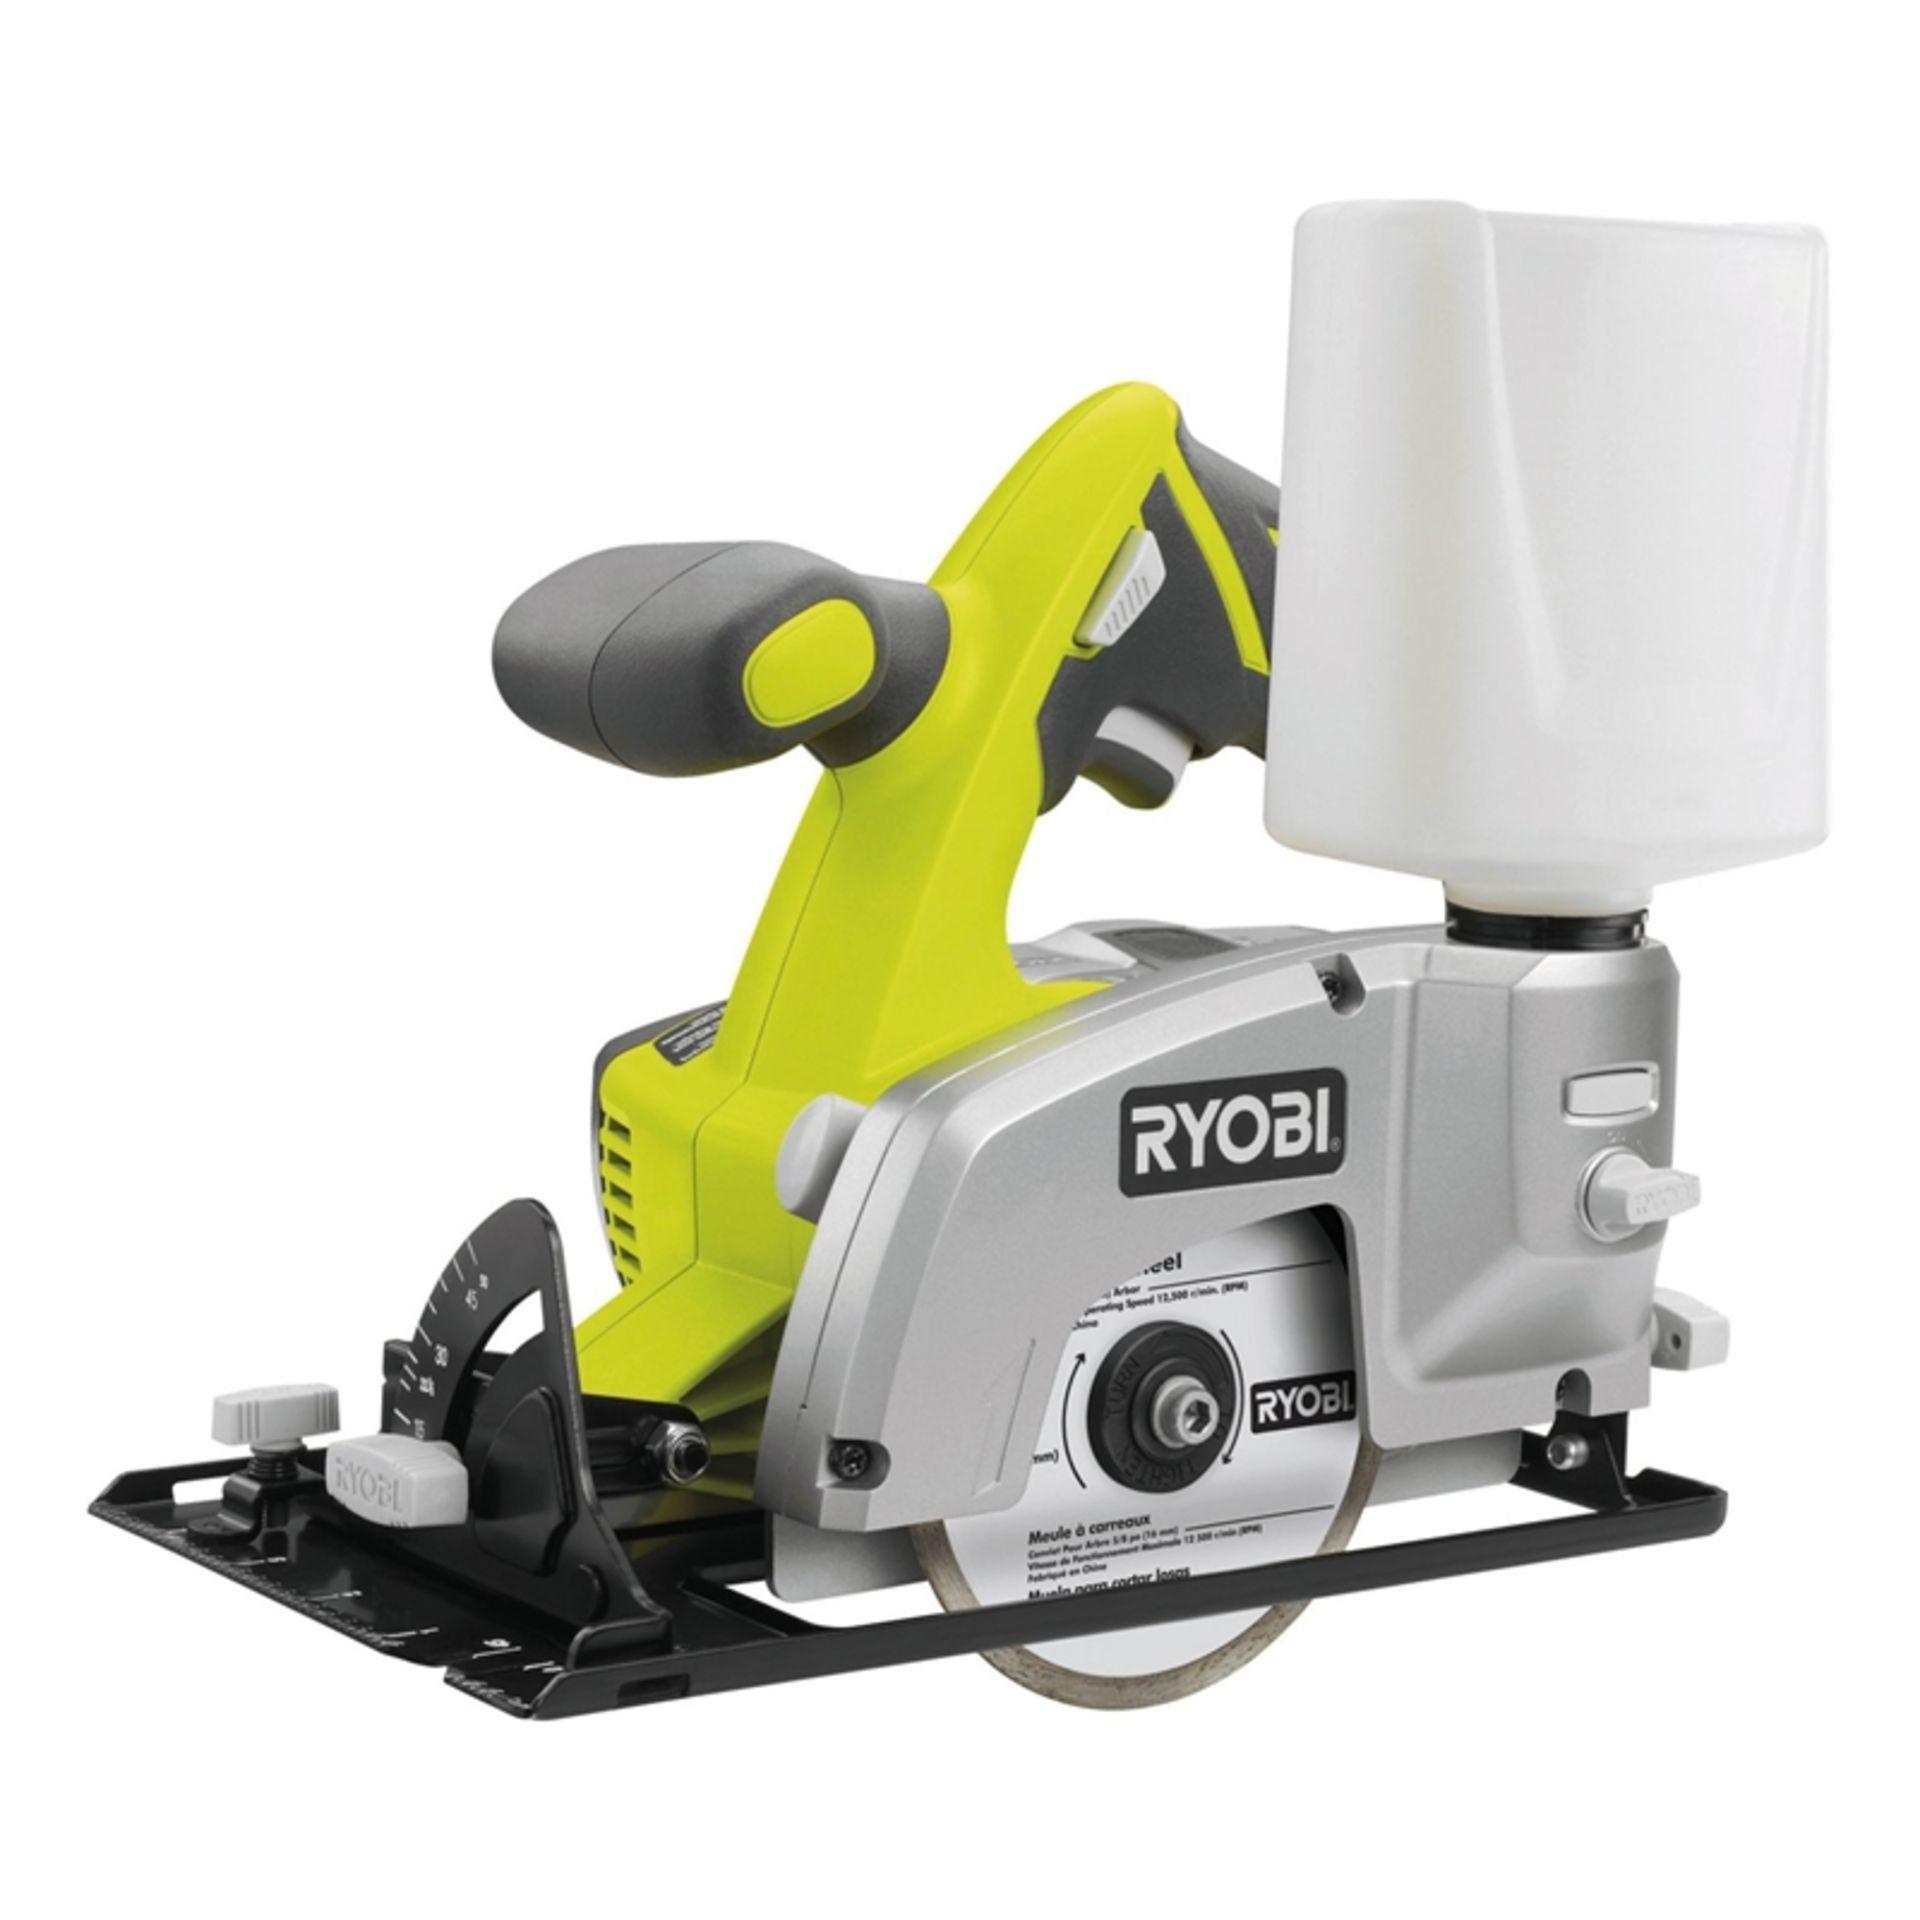 Lot 10075 - V Brand New Ryobi LTS180M 18v Diamond Blade Tile Saw - Bare Unit - ISP £97 (Homebase)